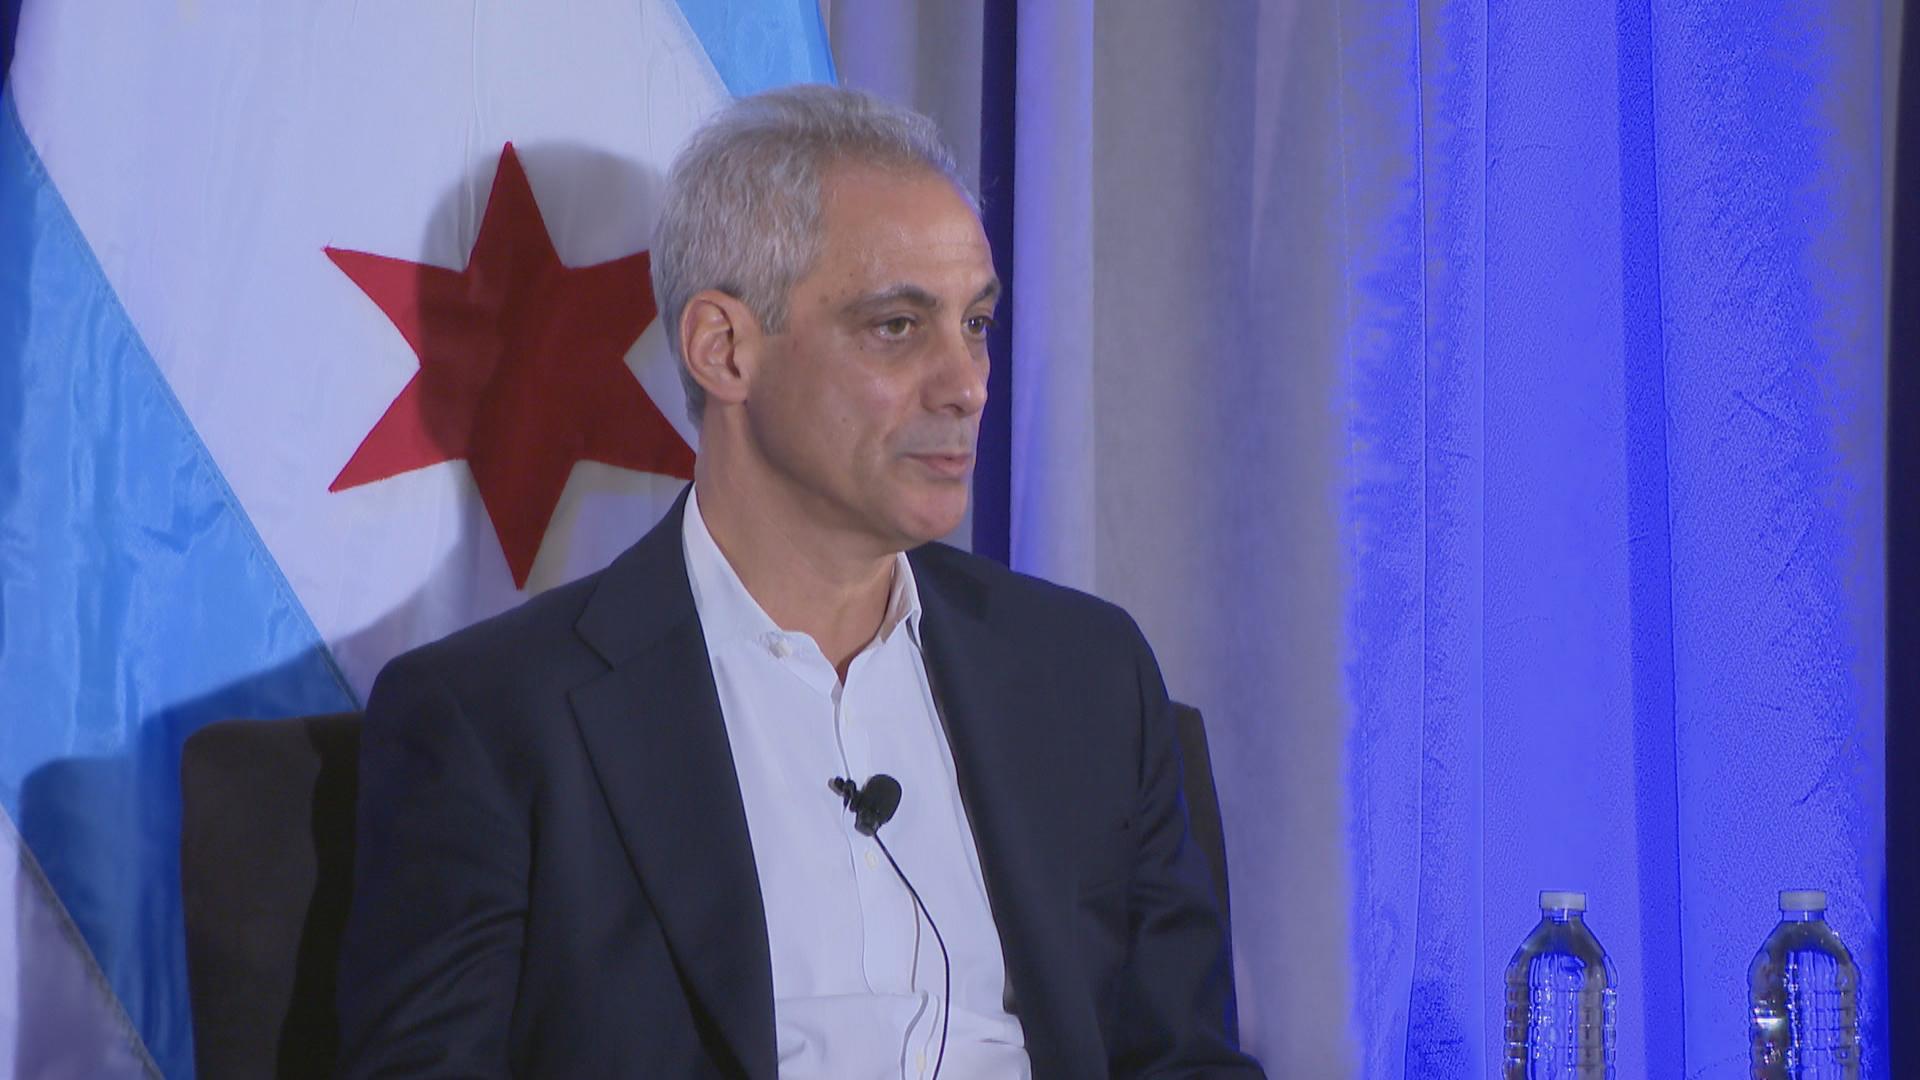 Burmistrz Rahm Emanuel poszerzył o 12 szkół katolickich program stypendialny Star